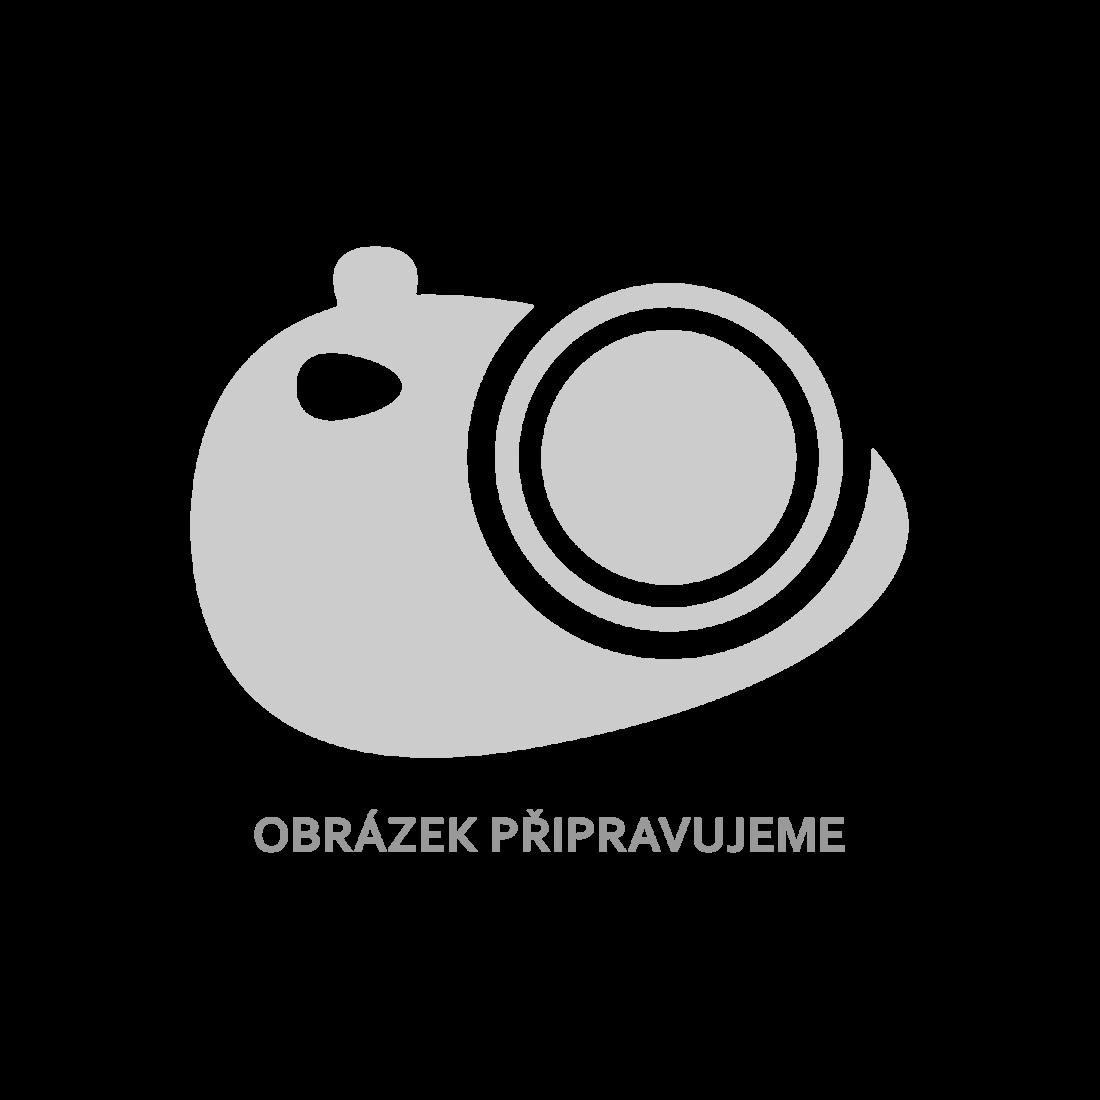 vidaXL 1dílný paraván krémově bílý 175 x 180 cm [320735]